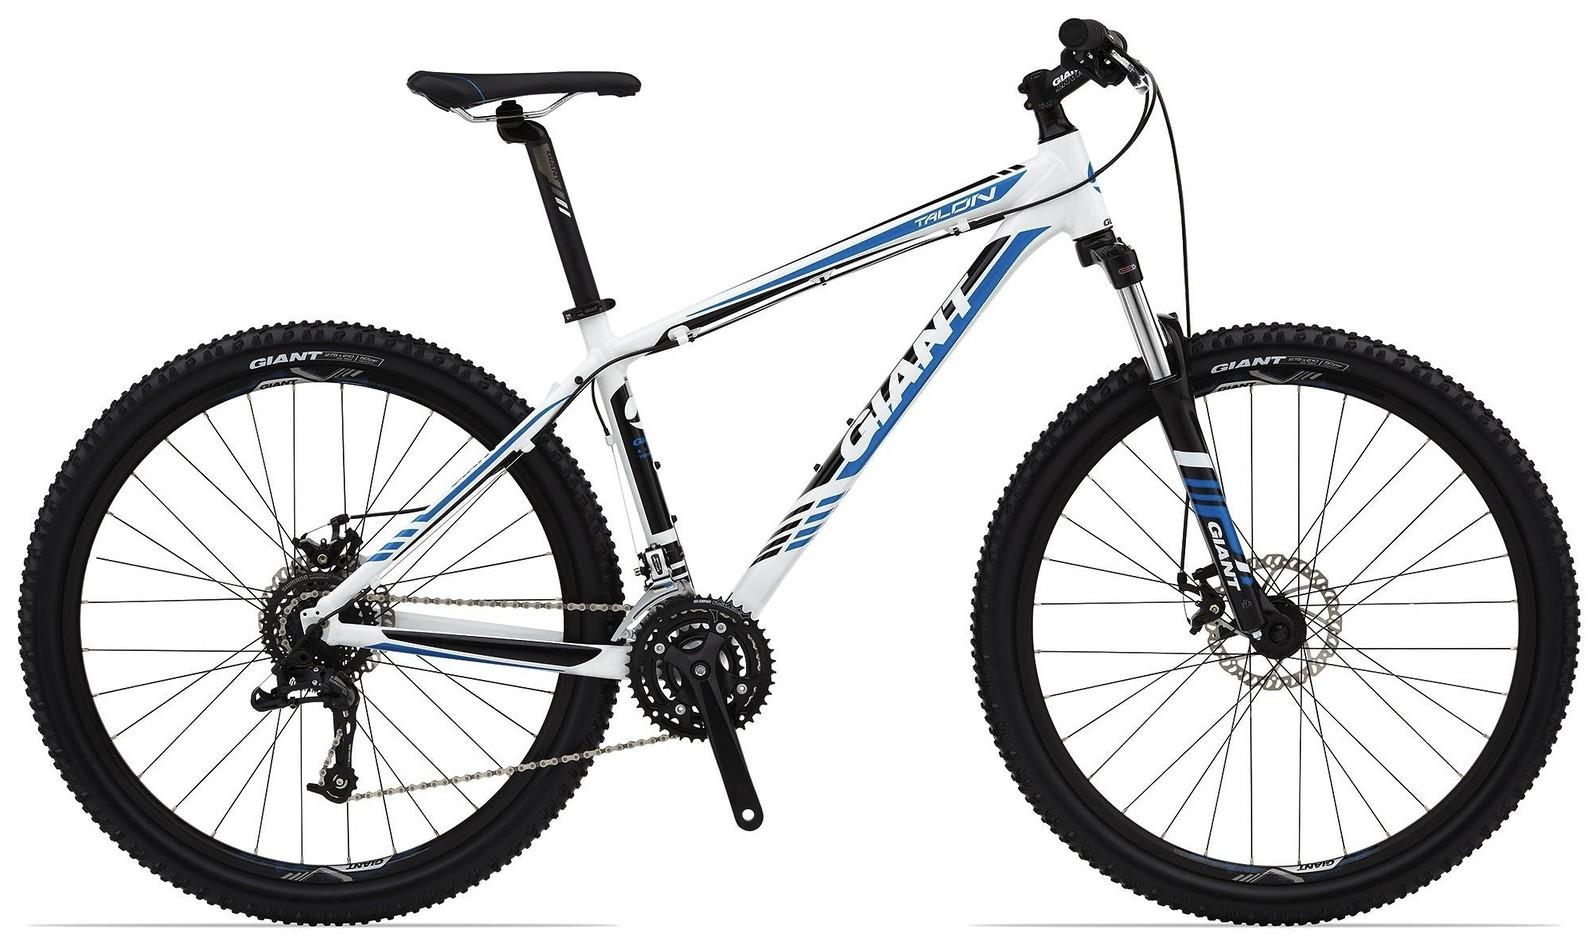 2014 Giant Talon 27.5 5 Bike Talon_27.5_5_white